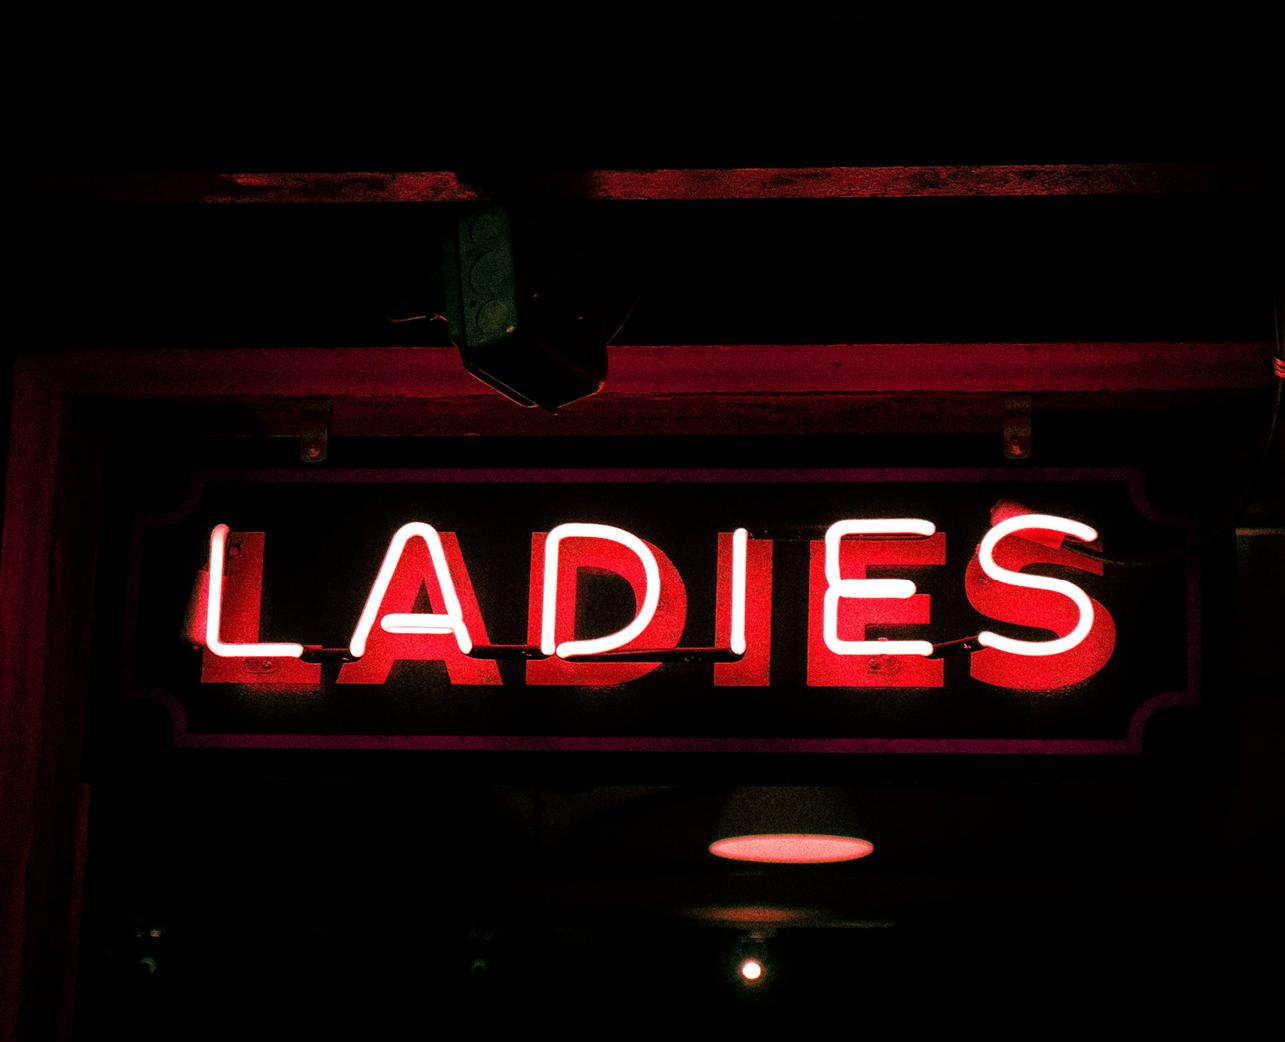 Women Break Barriers Society